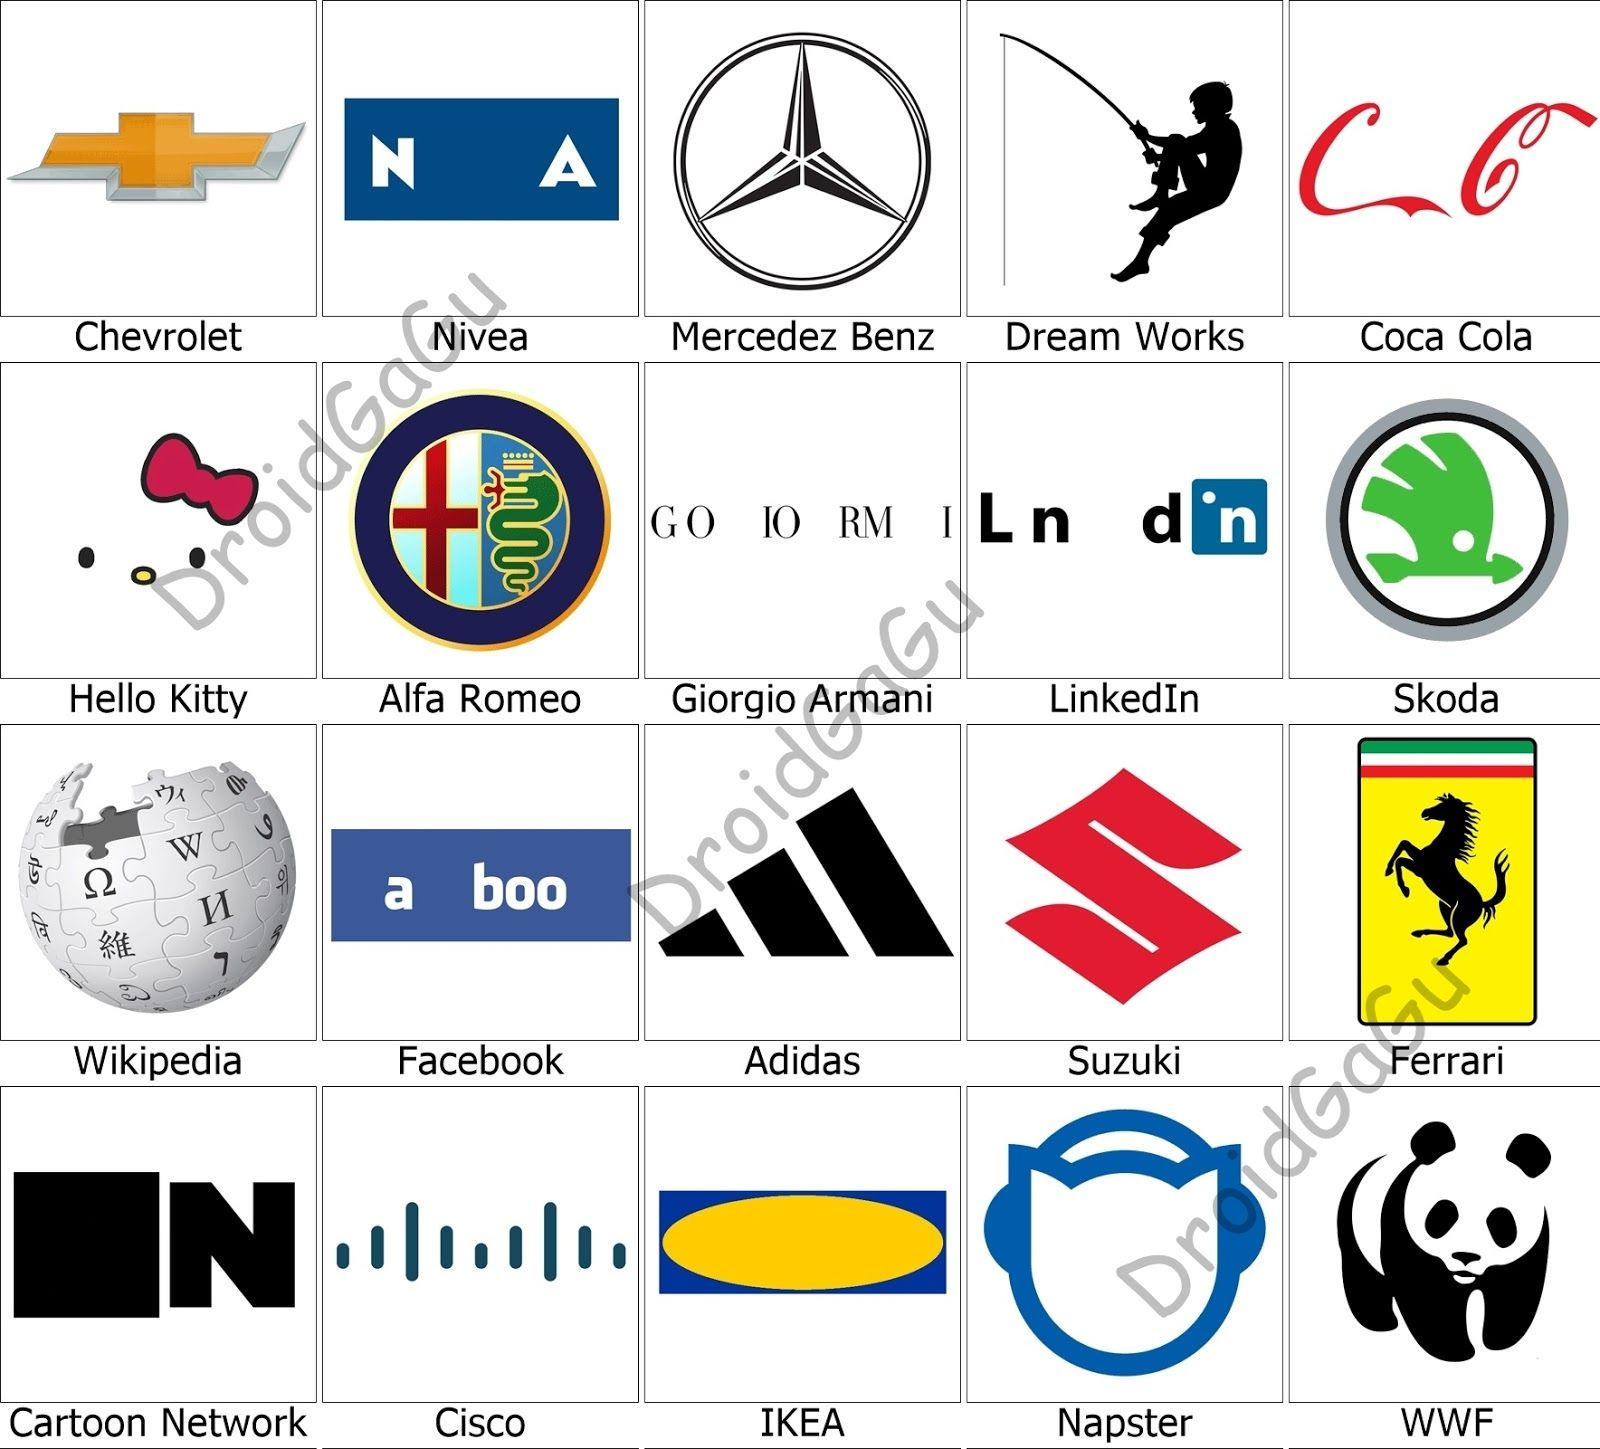 A Website Providing Free Apk Mod Apk For Android And Logo